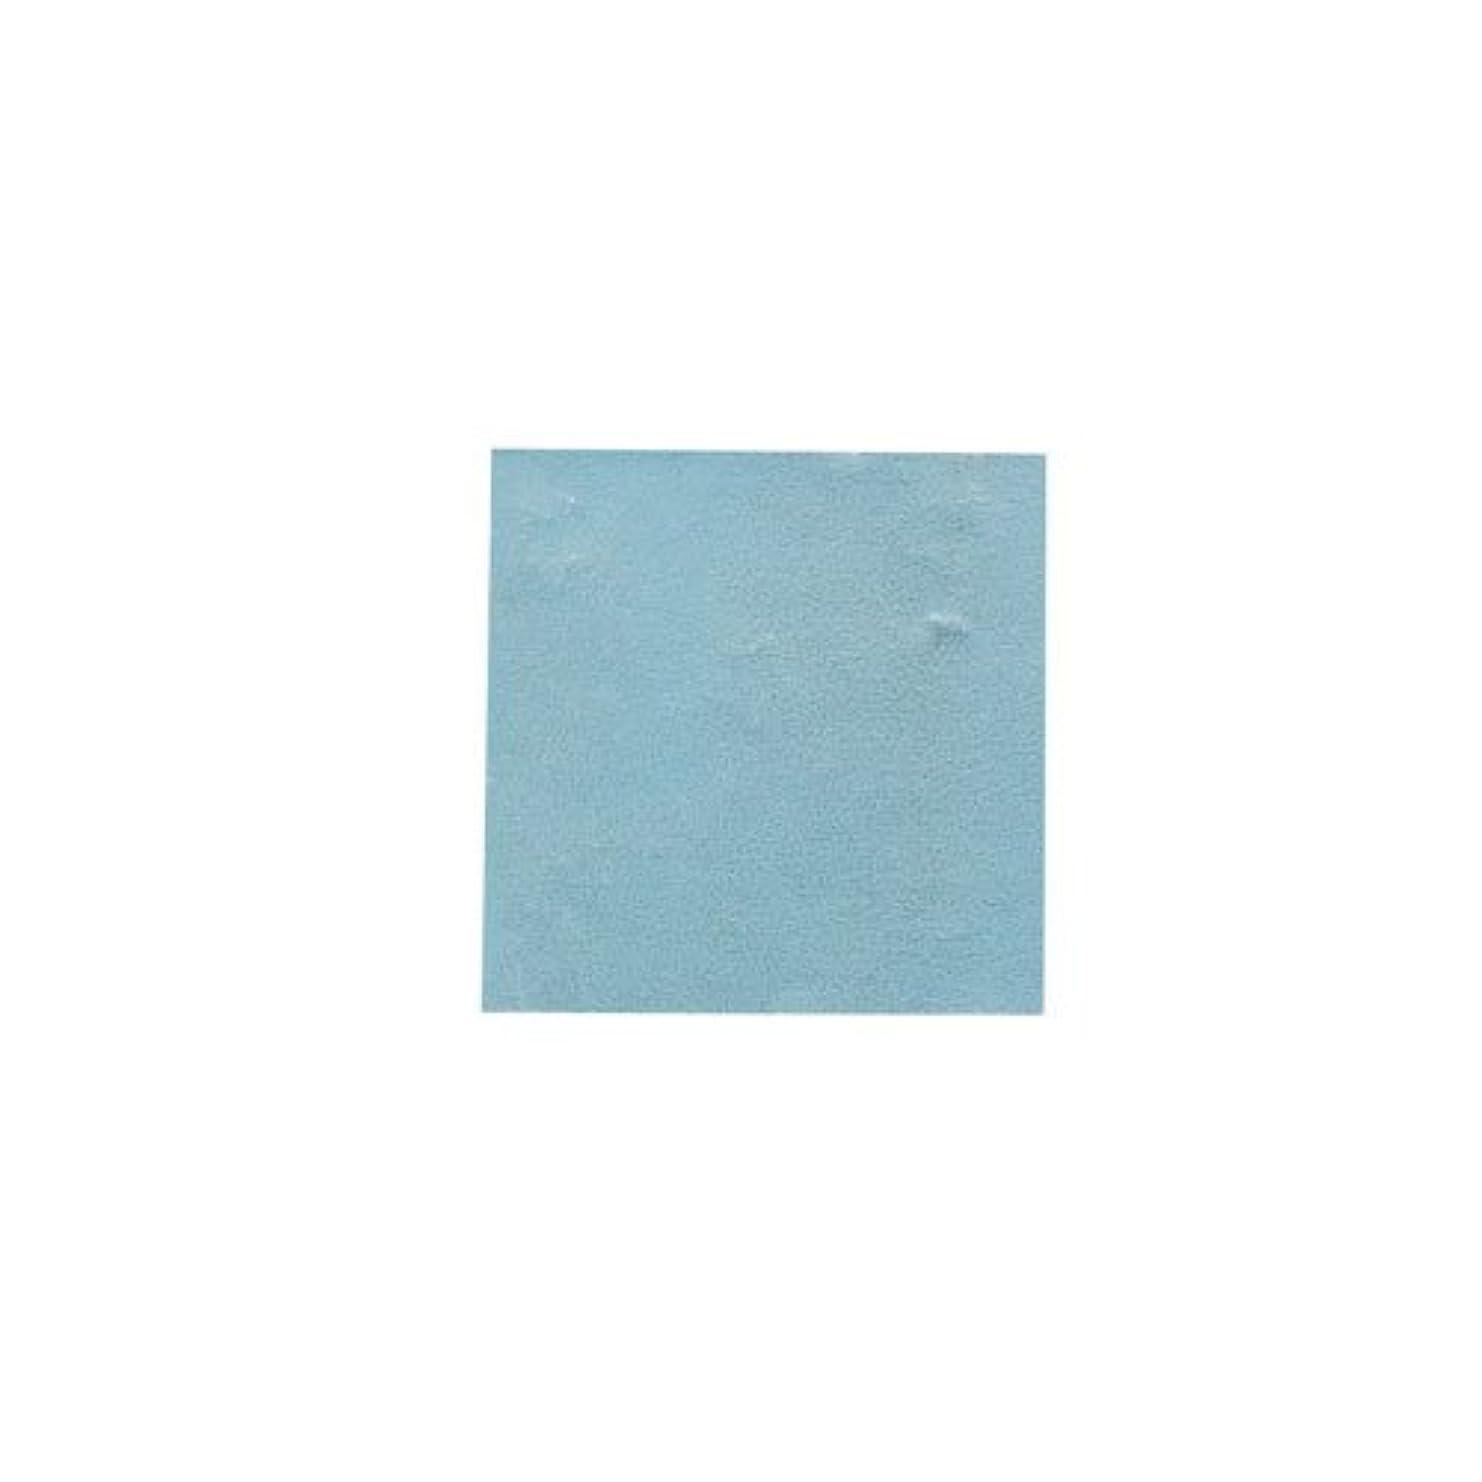 引くラメ引き算ピカエース ネイル用パウダー パステル銀箔 #647 パステルブルー 3.5㎜角×5枚